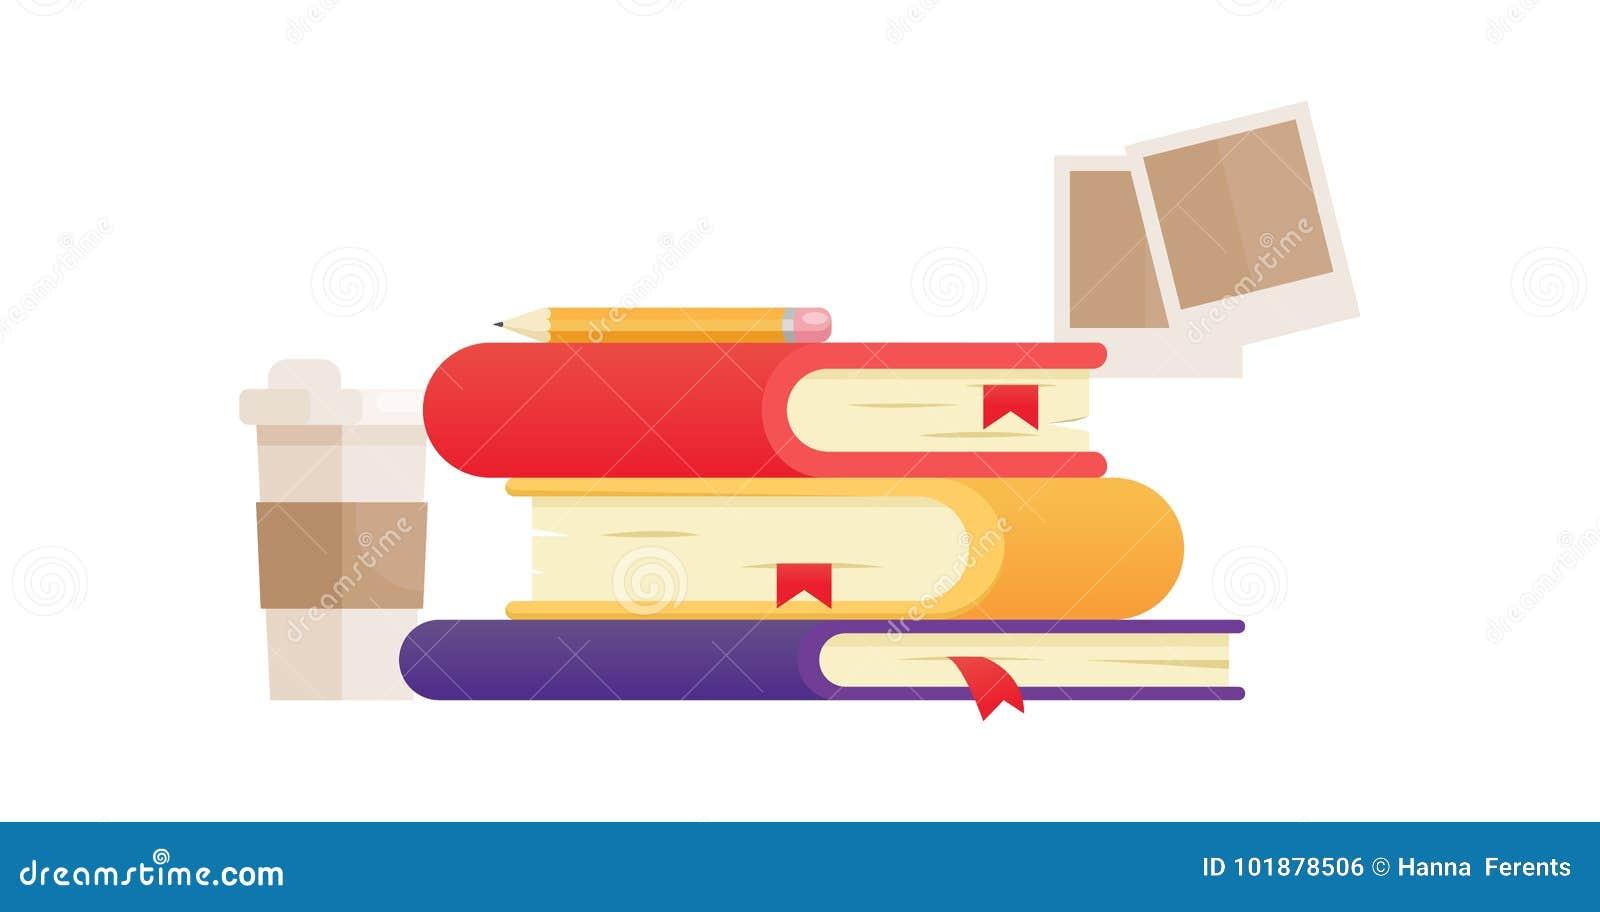 Excepcional Libro De Colores Joico Colección de Imágenes - Dibujos ...